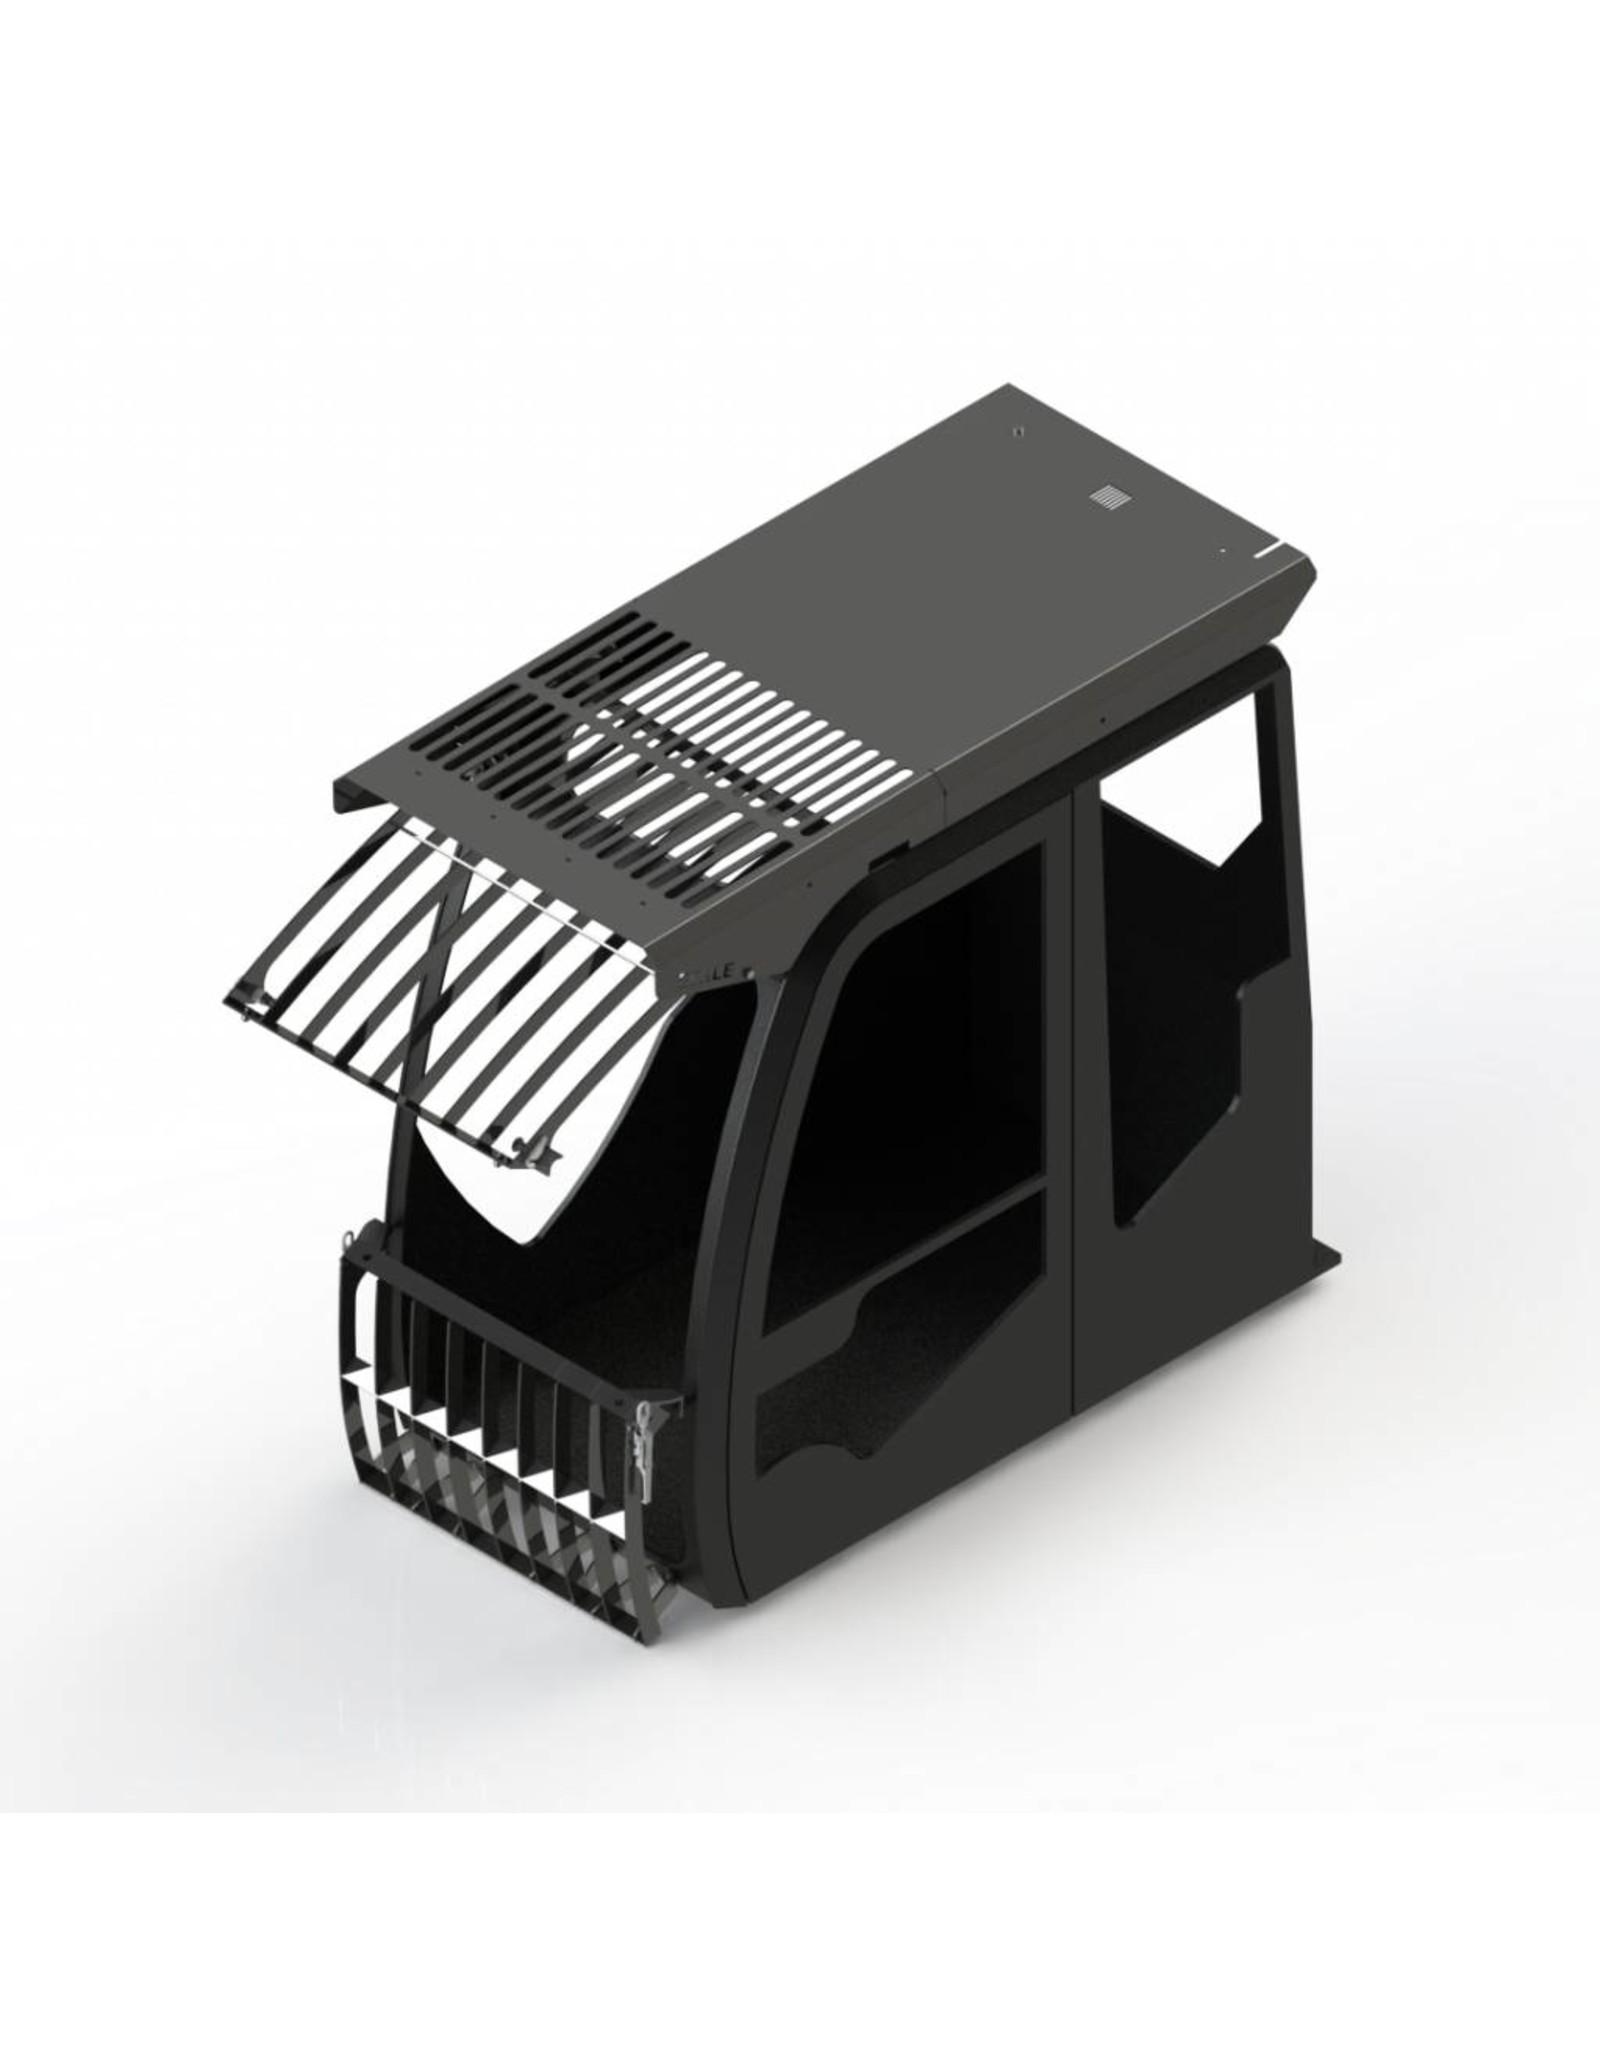 Echle Hartstahl GmbH FOPS für Liebherr R 936